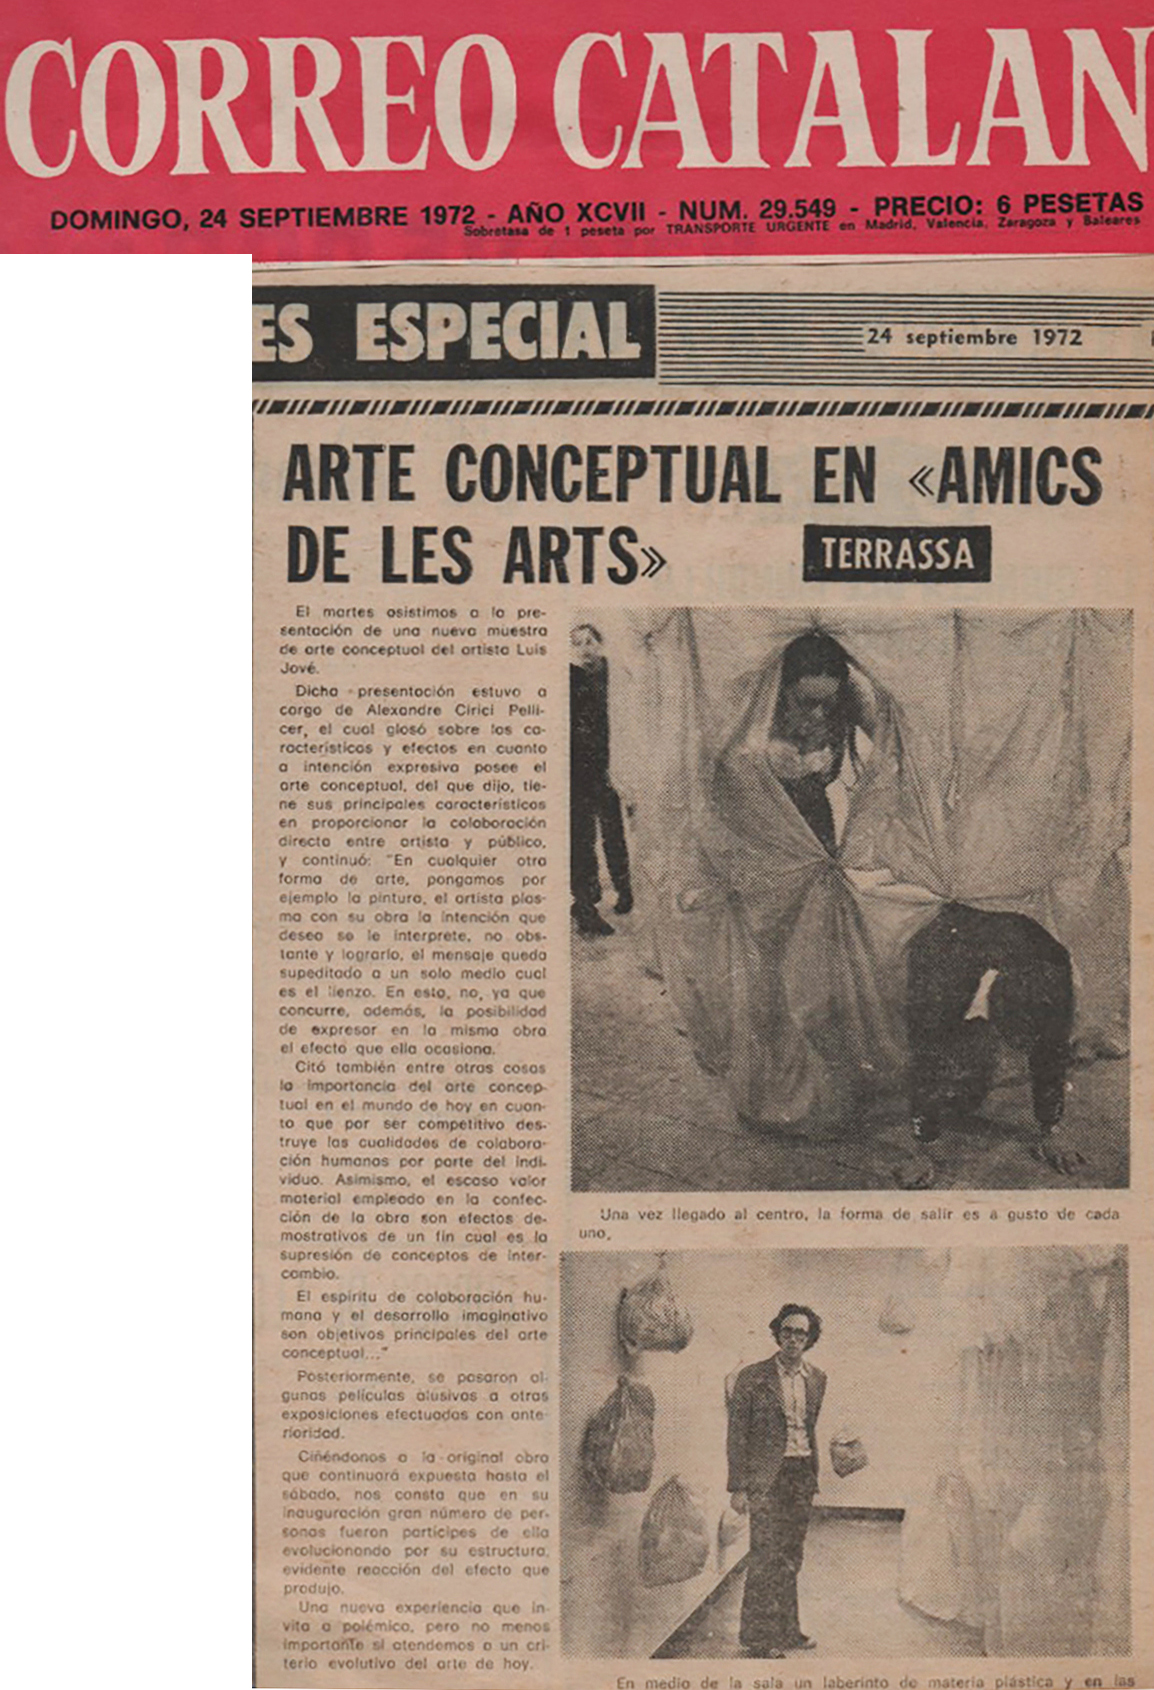 023 - Correo catalan 24 setembre 72